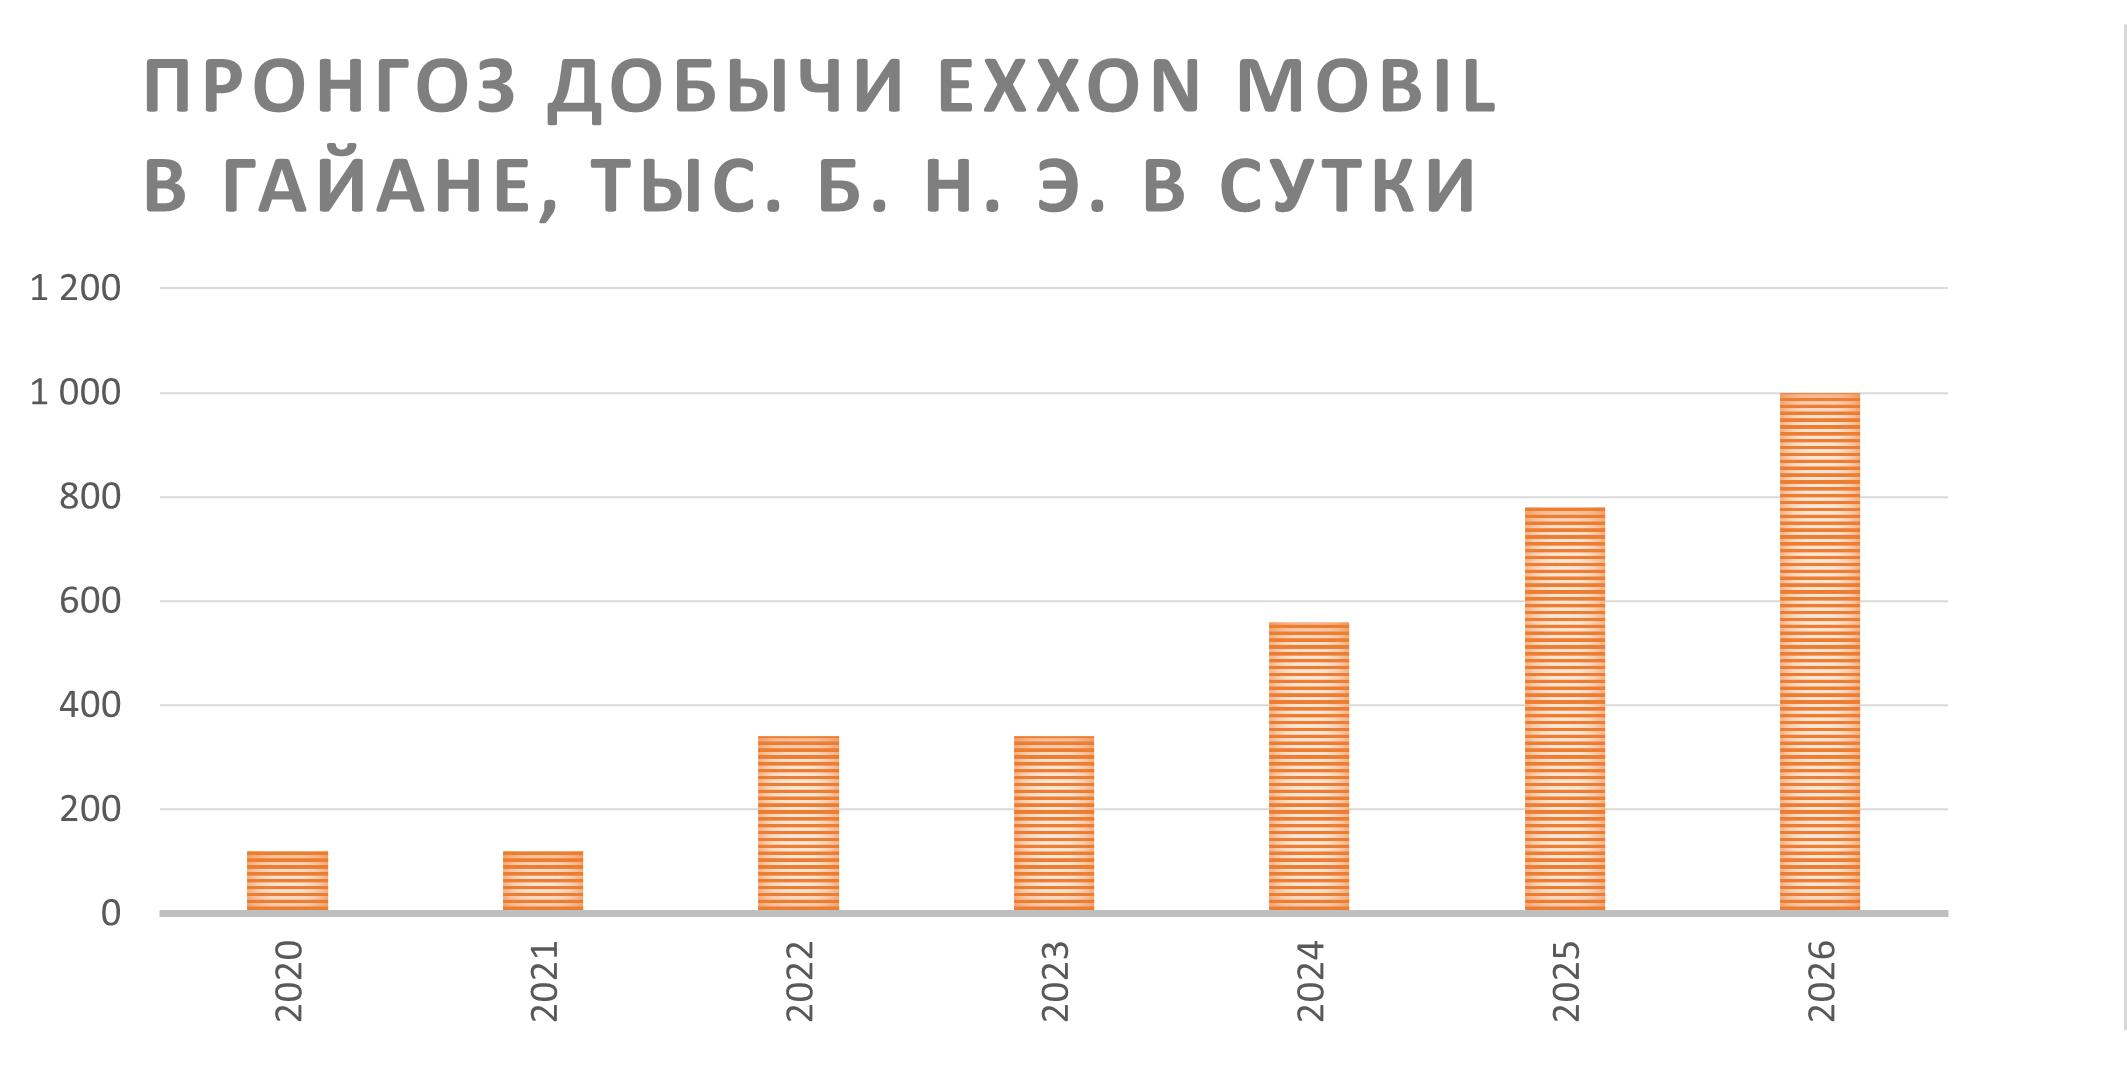 Прогноз добычи Exxon Mobil в Гайане